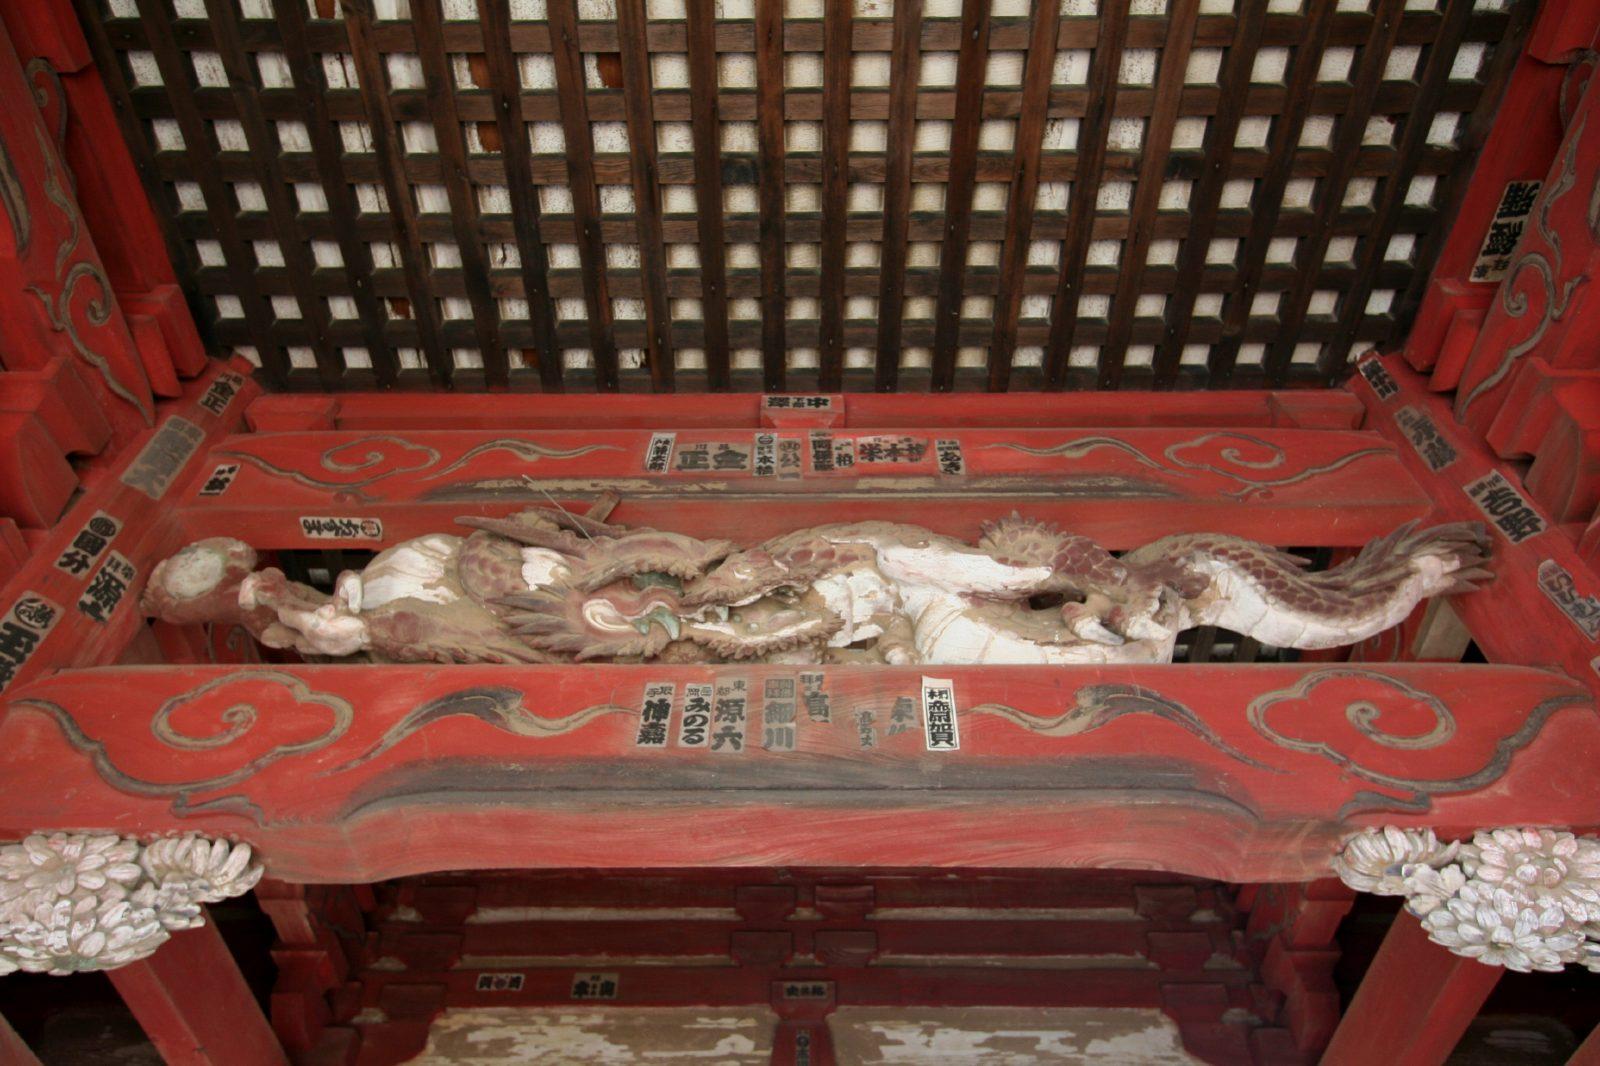 Itabashi Fudoson